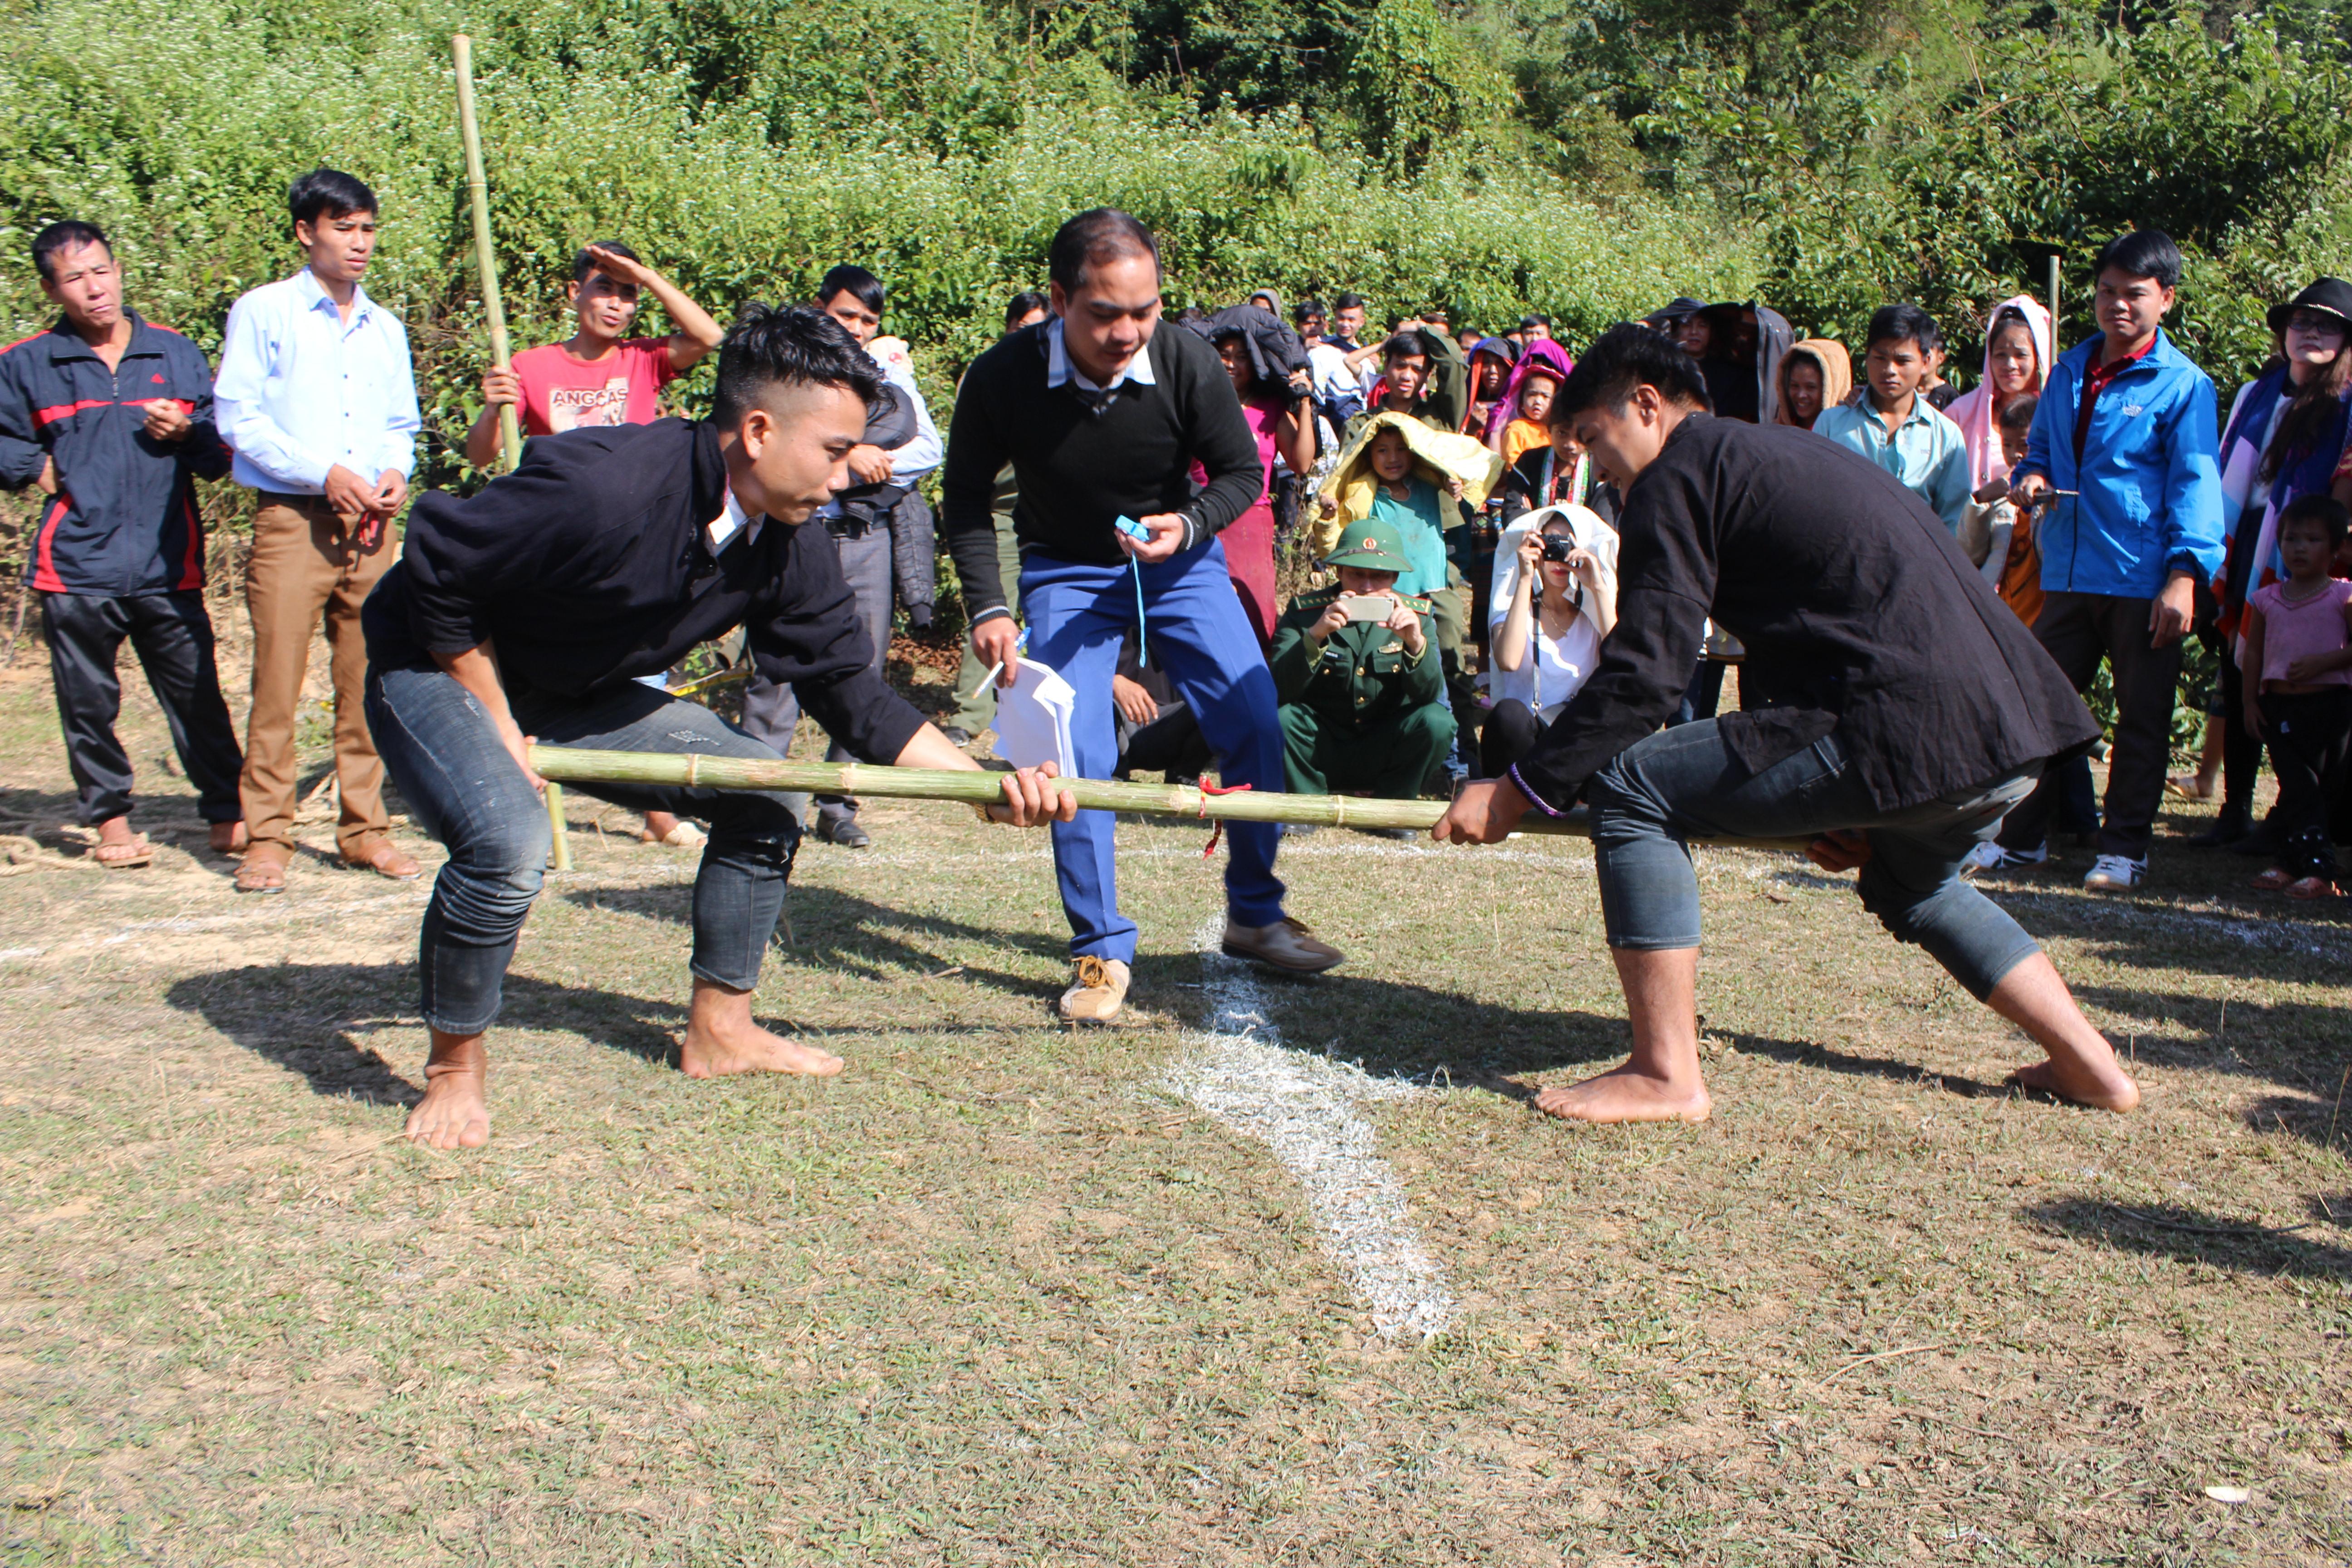 Hoạt động thi đấu thể thao trong lễ hội